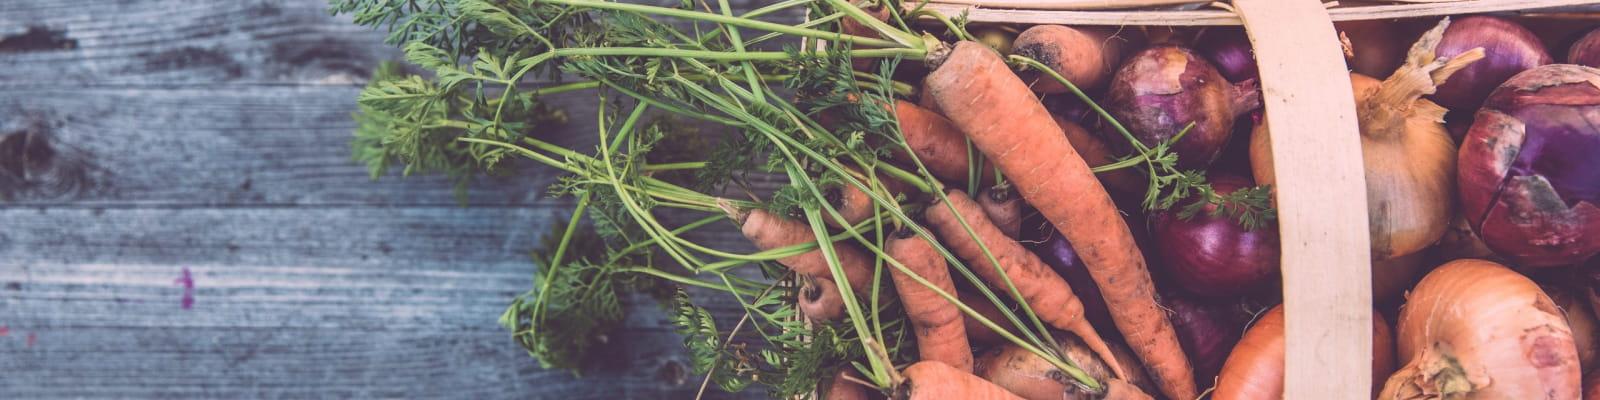 Panier de légume sur une table de bois